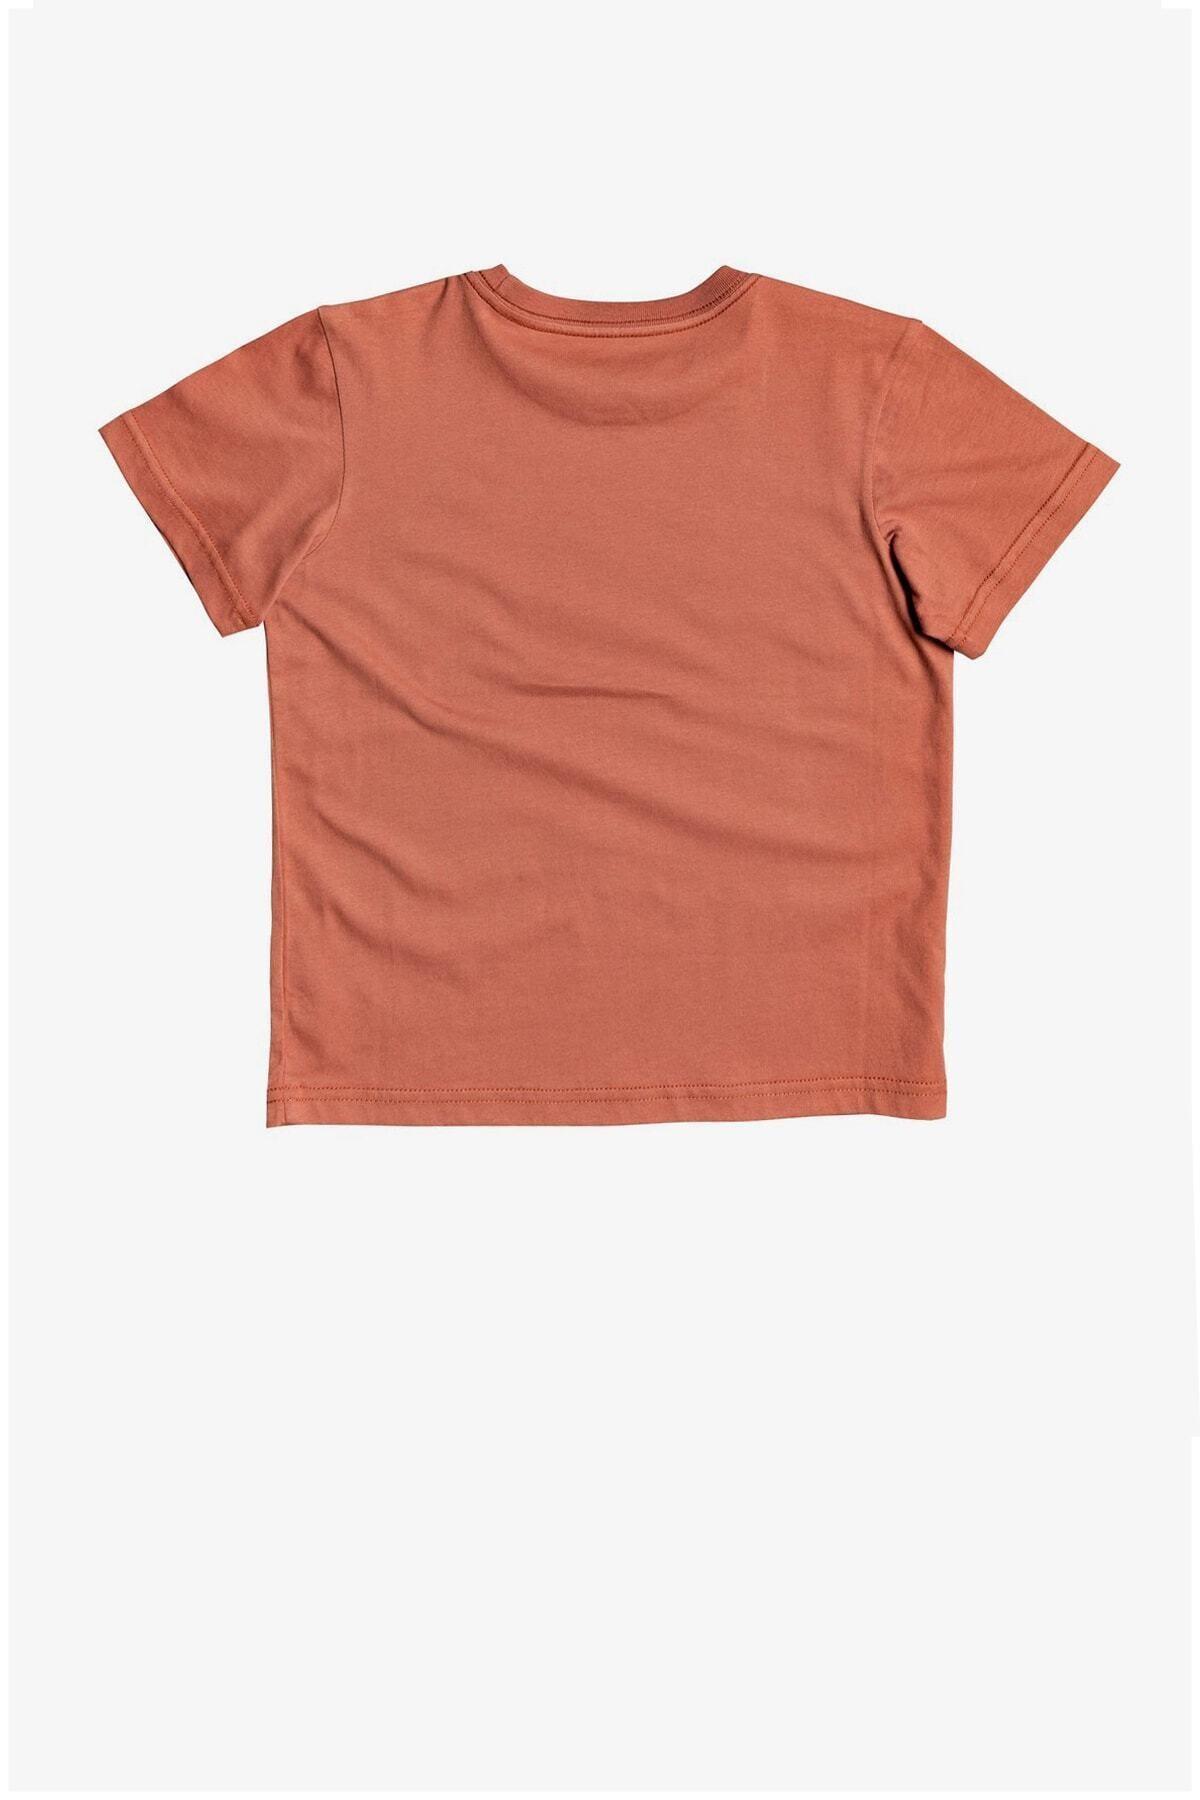 Quiksilver Unisex Çocuk Rdigtaltimss Çocuk T-Shirt Eqkzt03374-mnl0 2